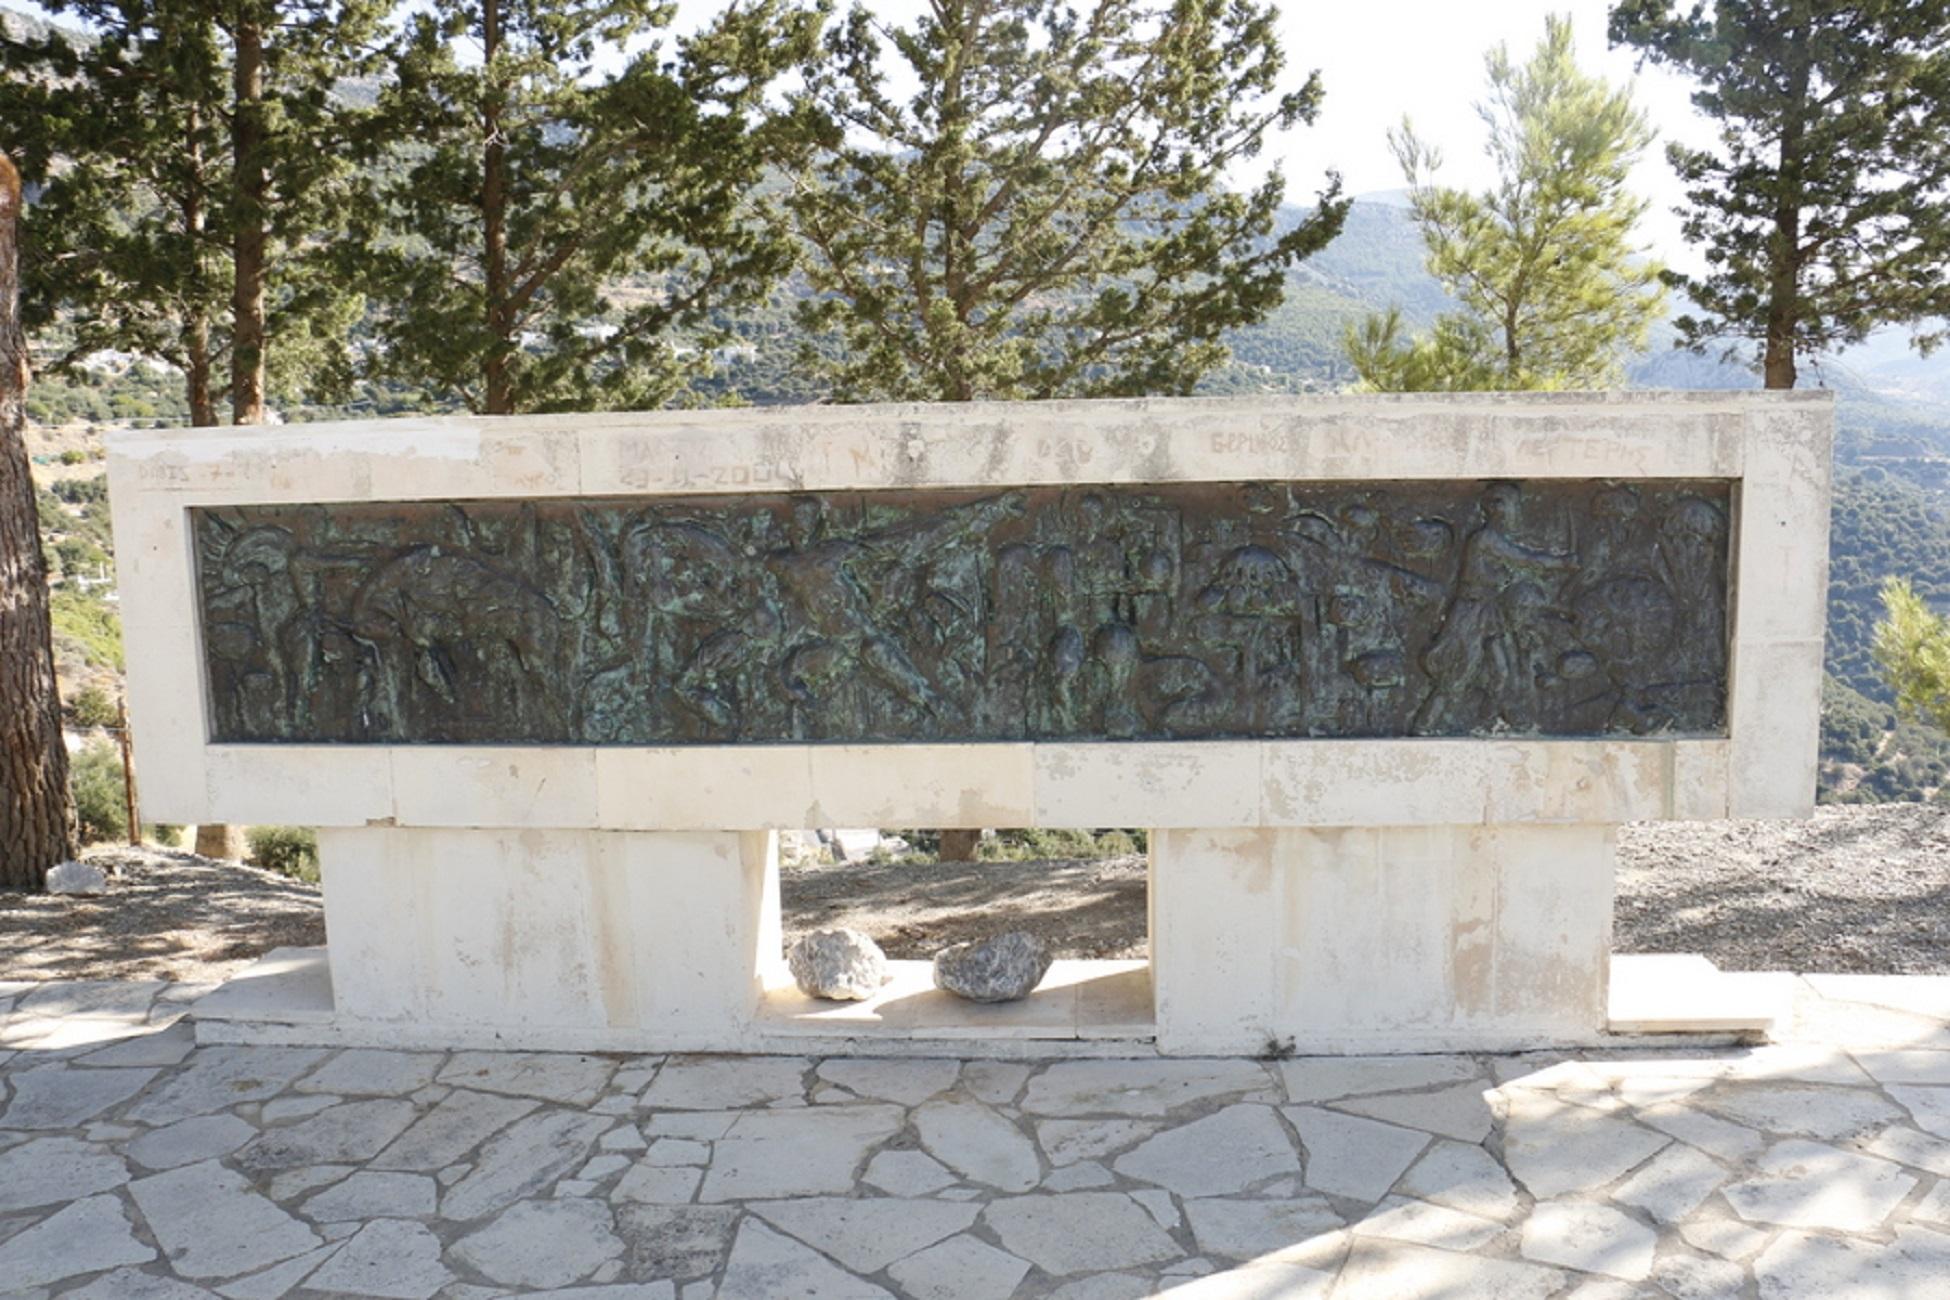 Ηράκλειο: Τουρίστες επιχείρησαν να βεβηλώσουν το Μνημείο Ολοκαυτώματος στη Βιάννο